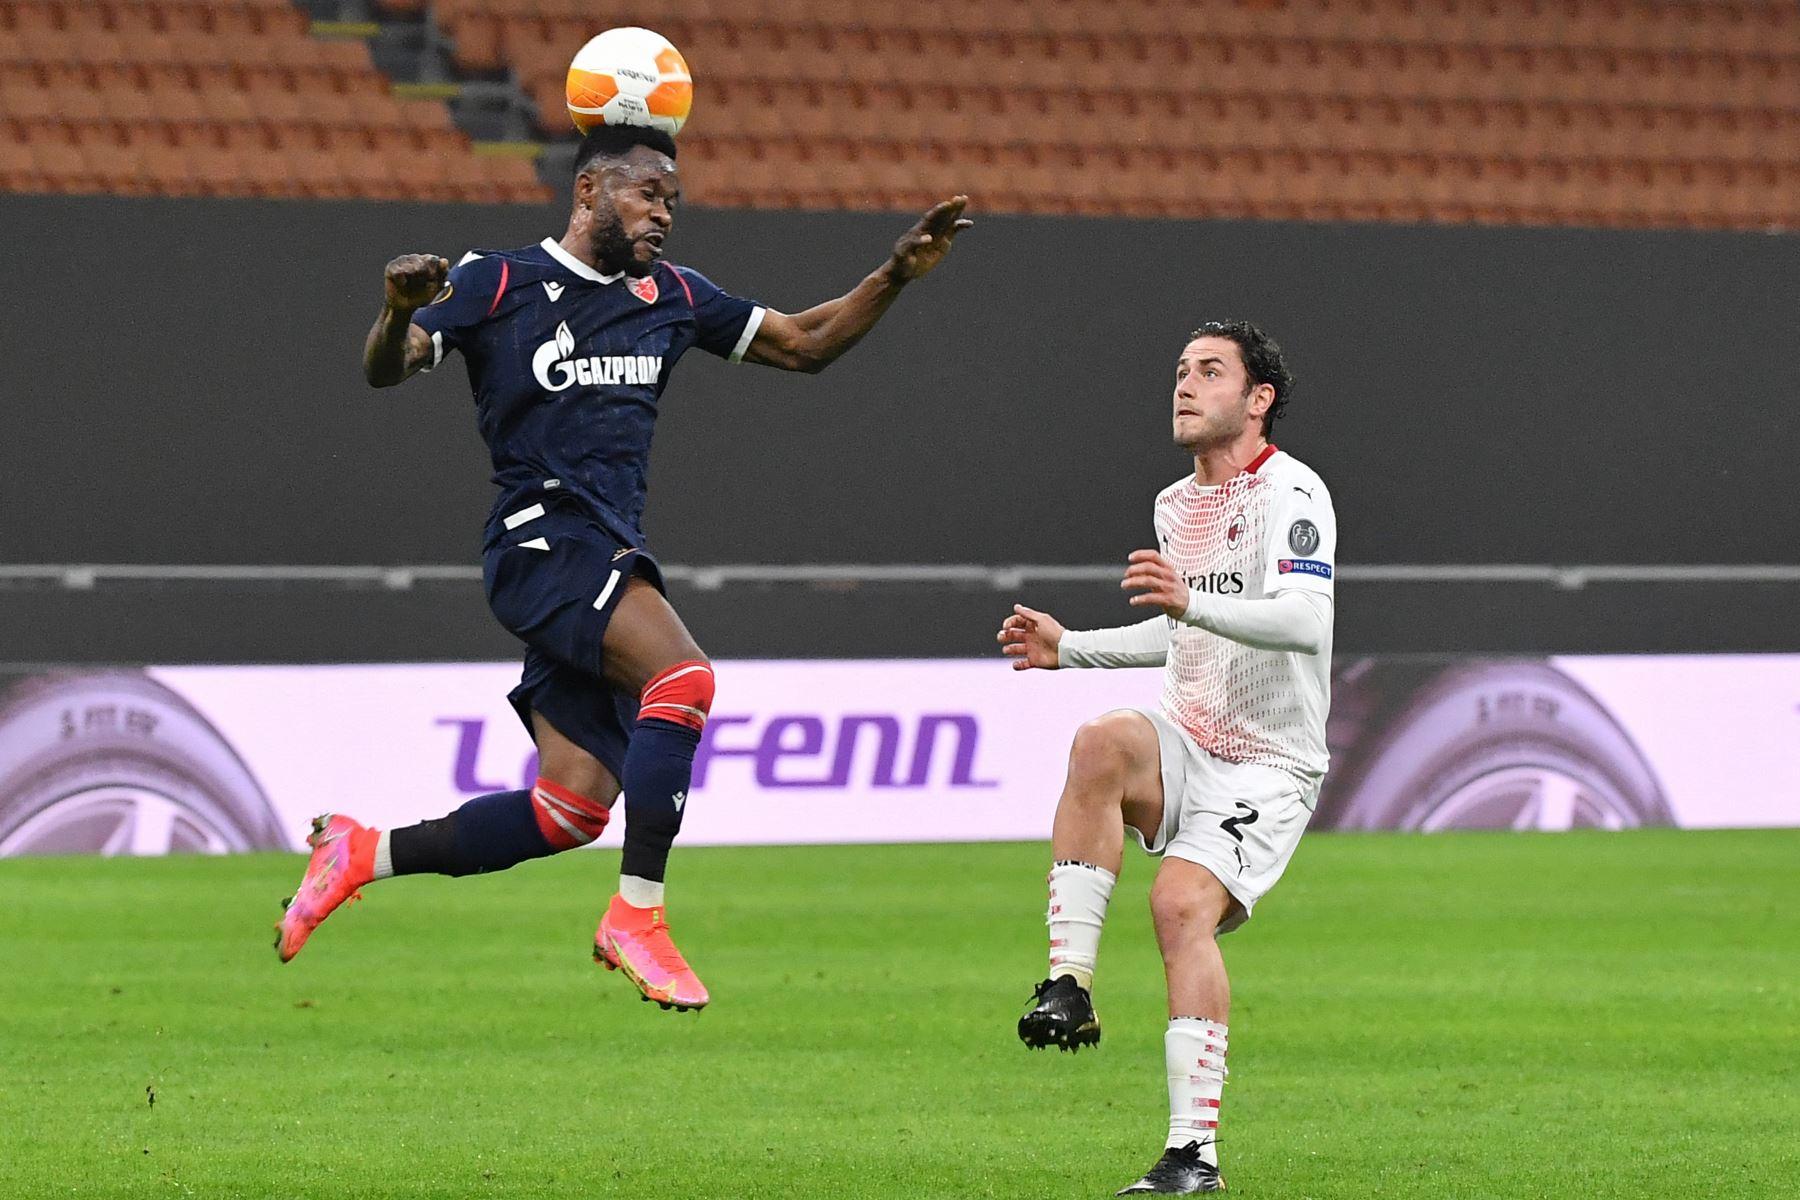 Crvena Zvezda Beograd, el centrocampista de Gabón Guelor Kanga Kakou encabeza el balón mientras el defensor italiano del AC Milan Davide Calabria mira durante la ronda de 32 de la UEFA Europa League. Foto: AFP